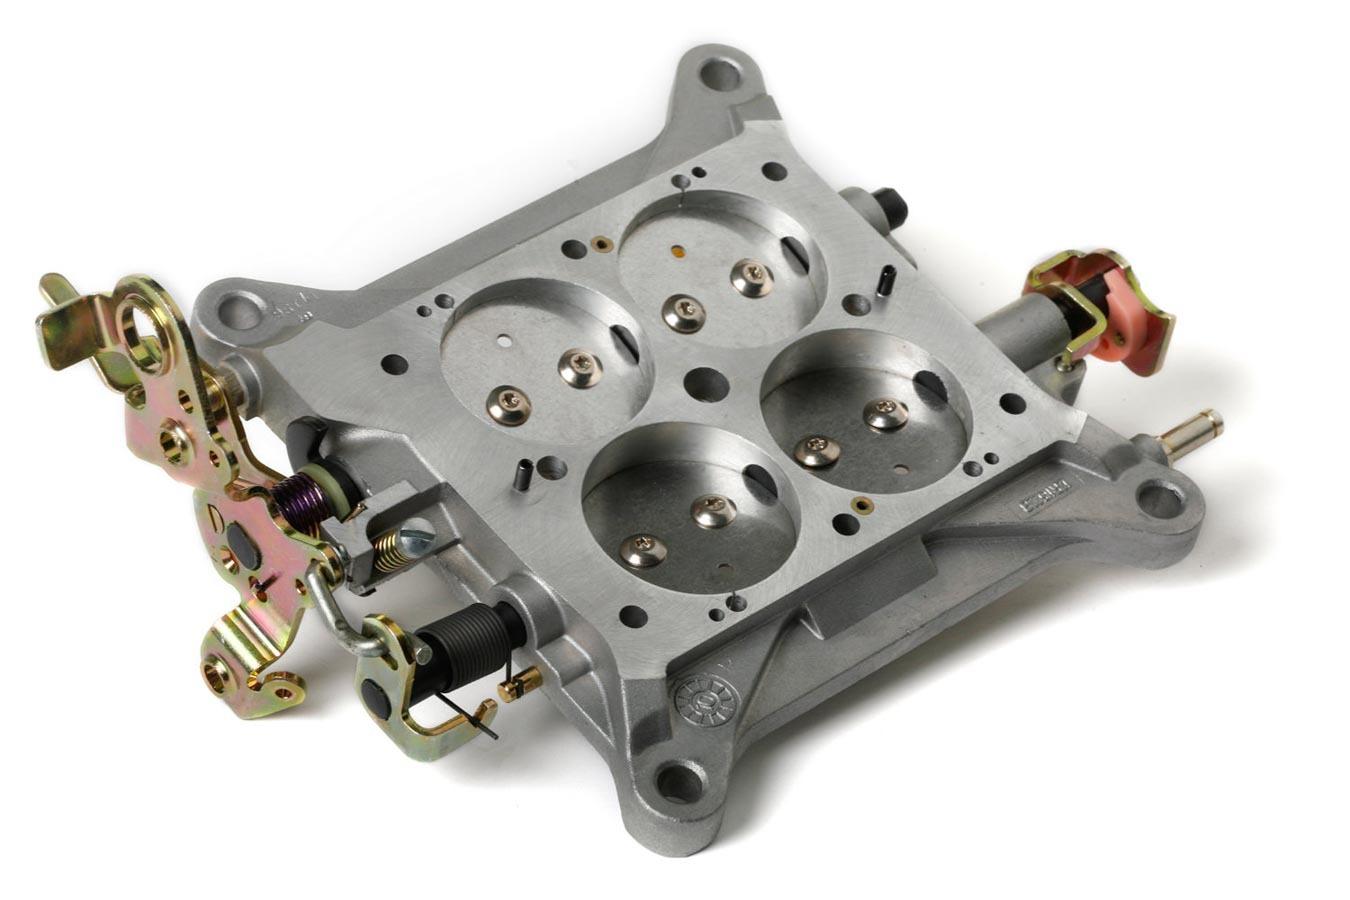 Holley 112-121 Carburetor Base Plate, Complete, Aluminum, Natural, Holley 4150 Carburetor, Each